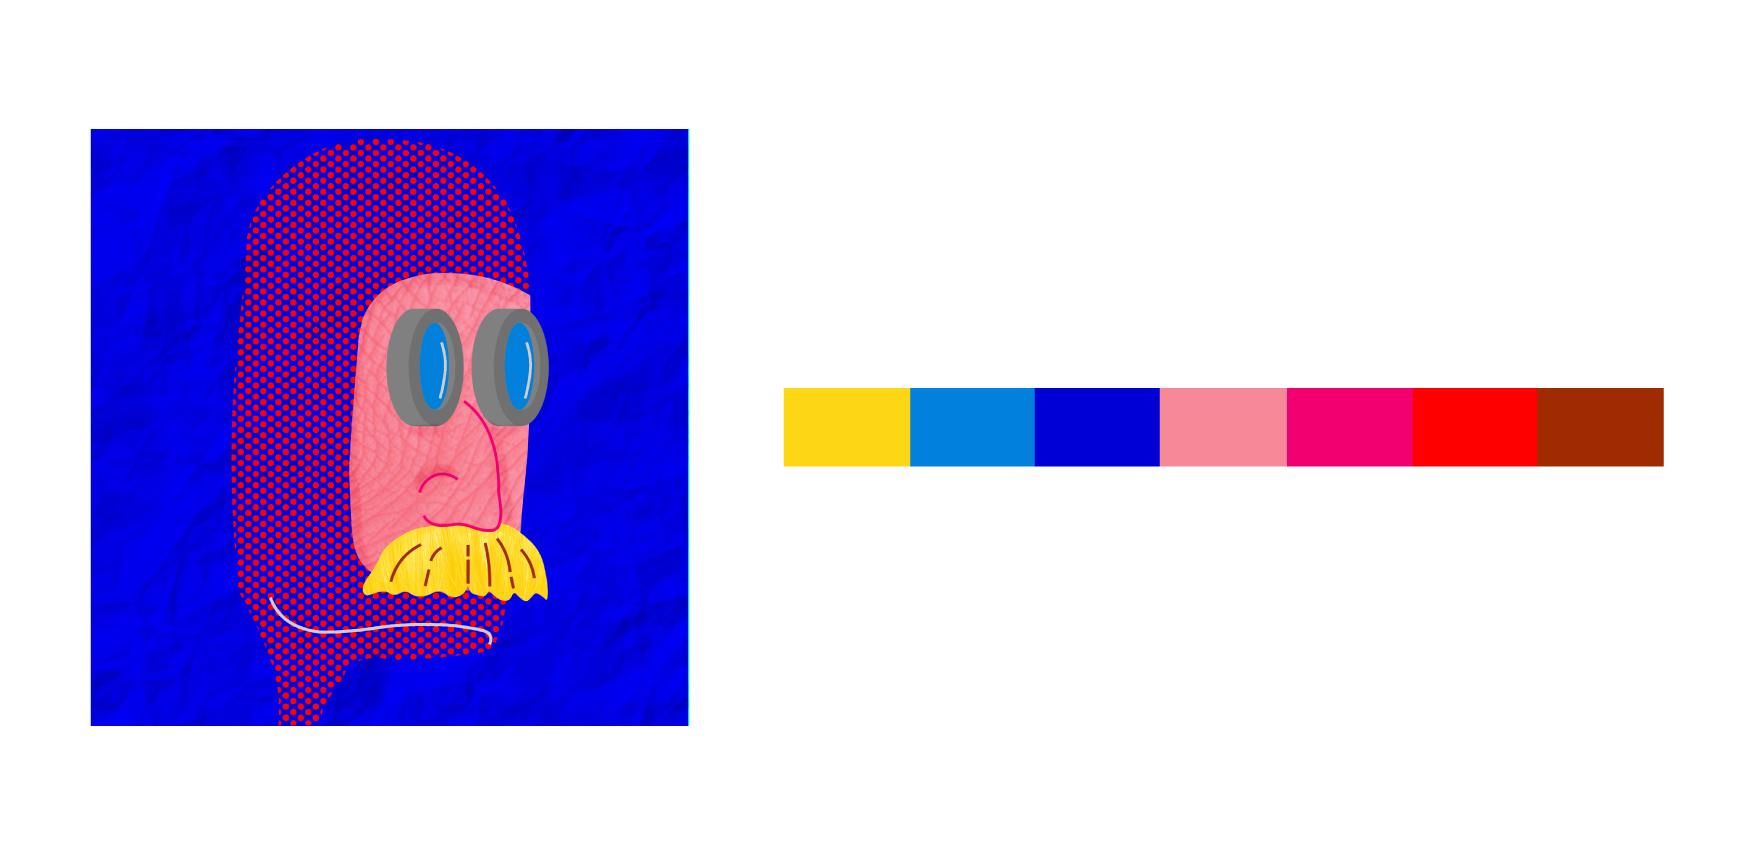 030 ARIEL VELASTEGUÍ the guy a partir de Warhol 2020-01